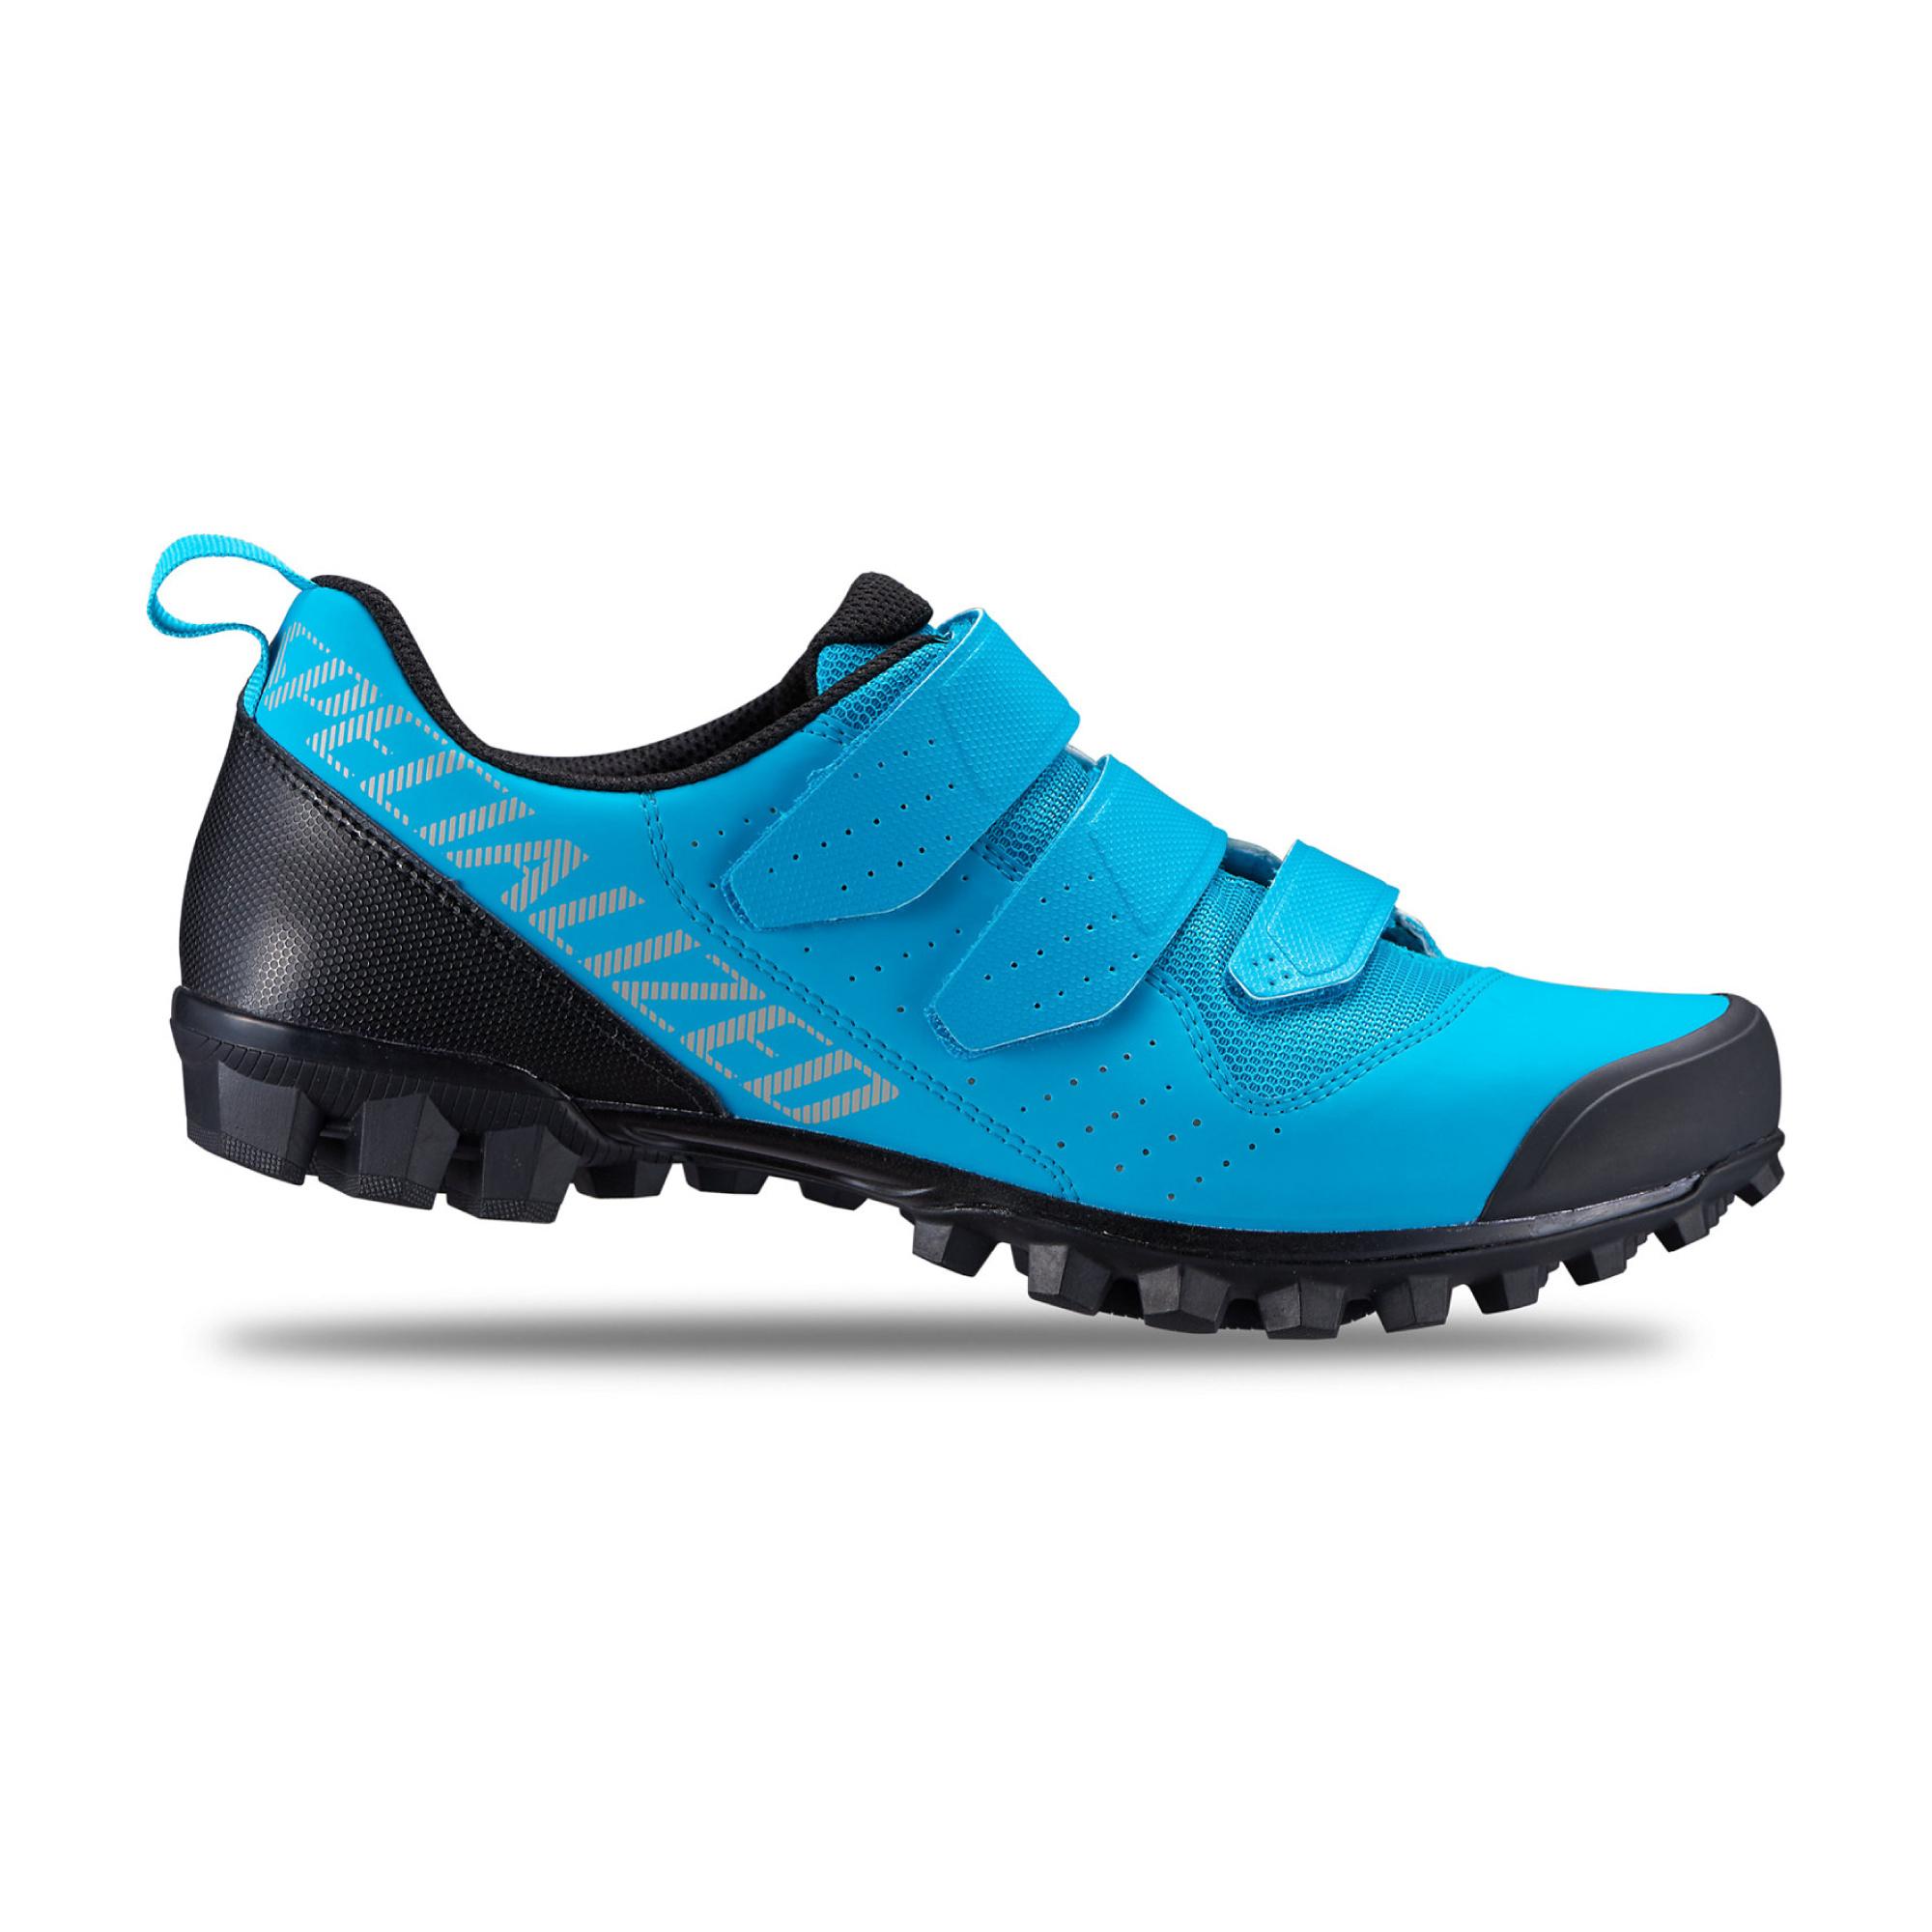 Recon 1.0 MTB Shoe-6